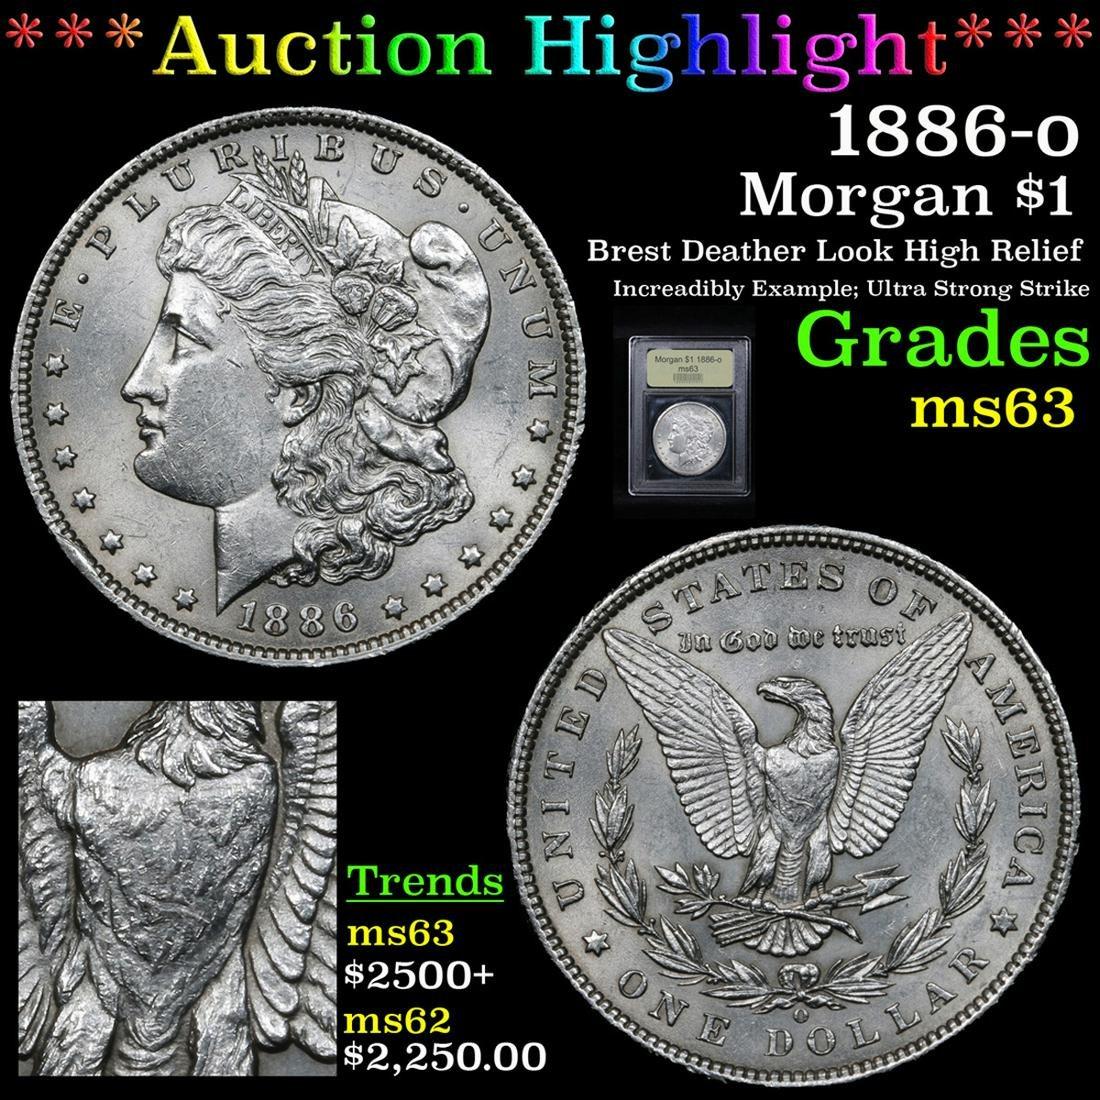 ***Auction Highlight*** 1886-o Morgan Dollar $1 Graded